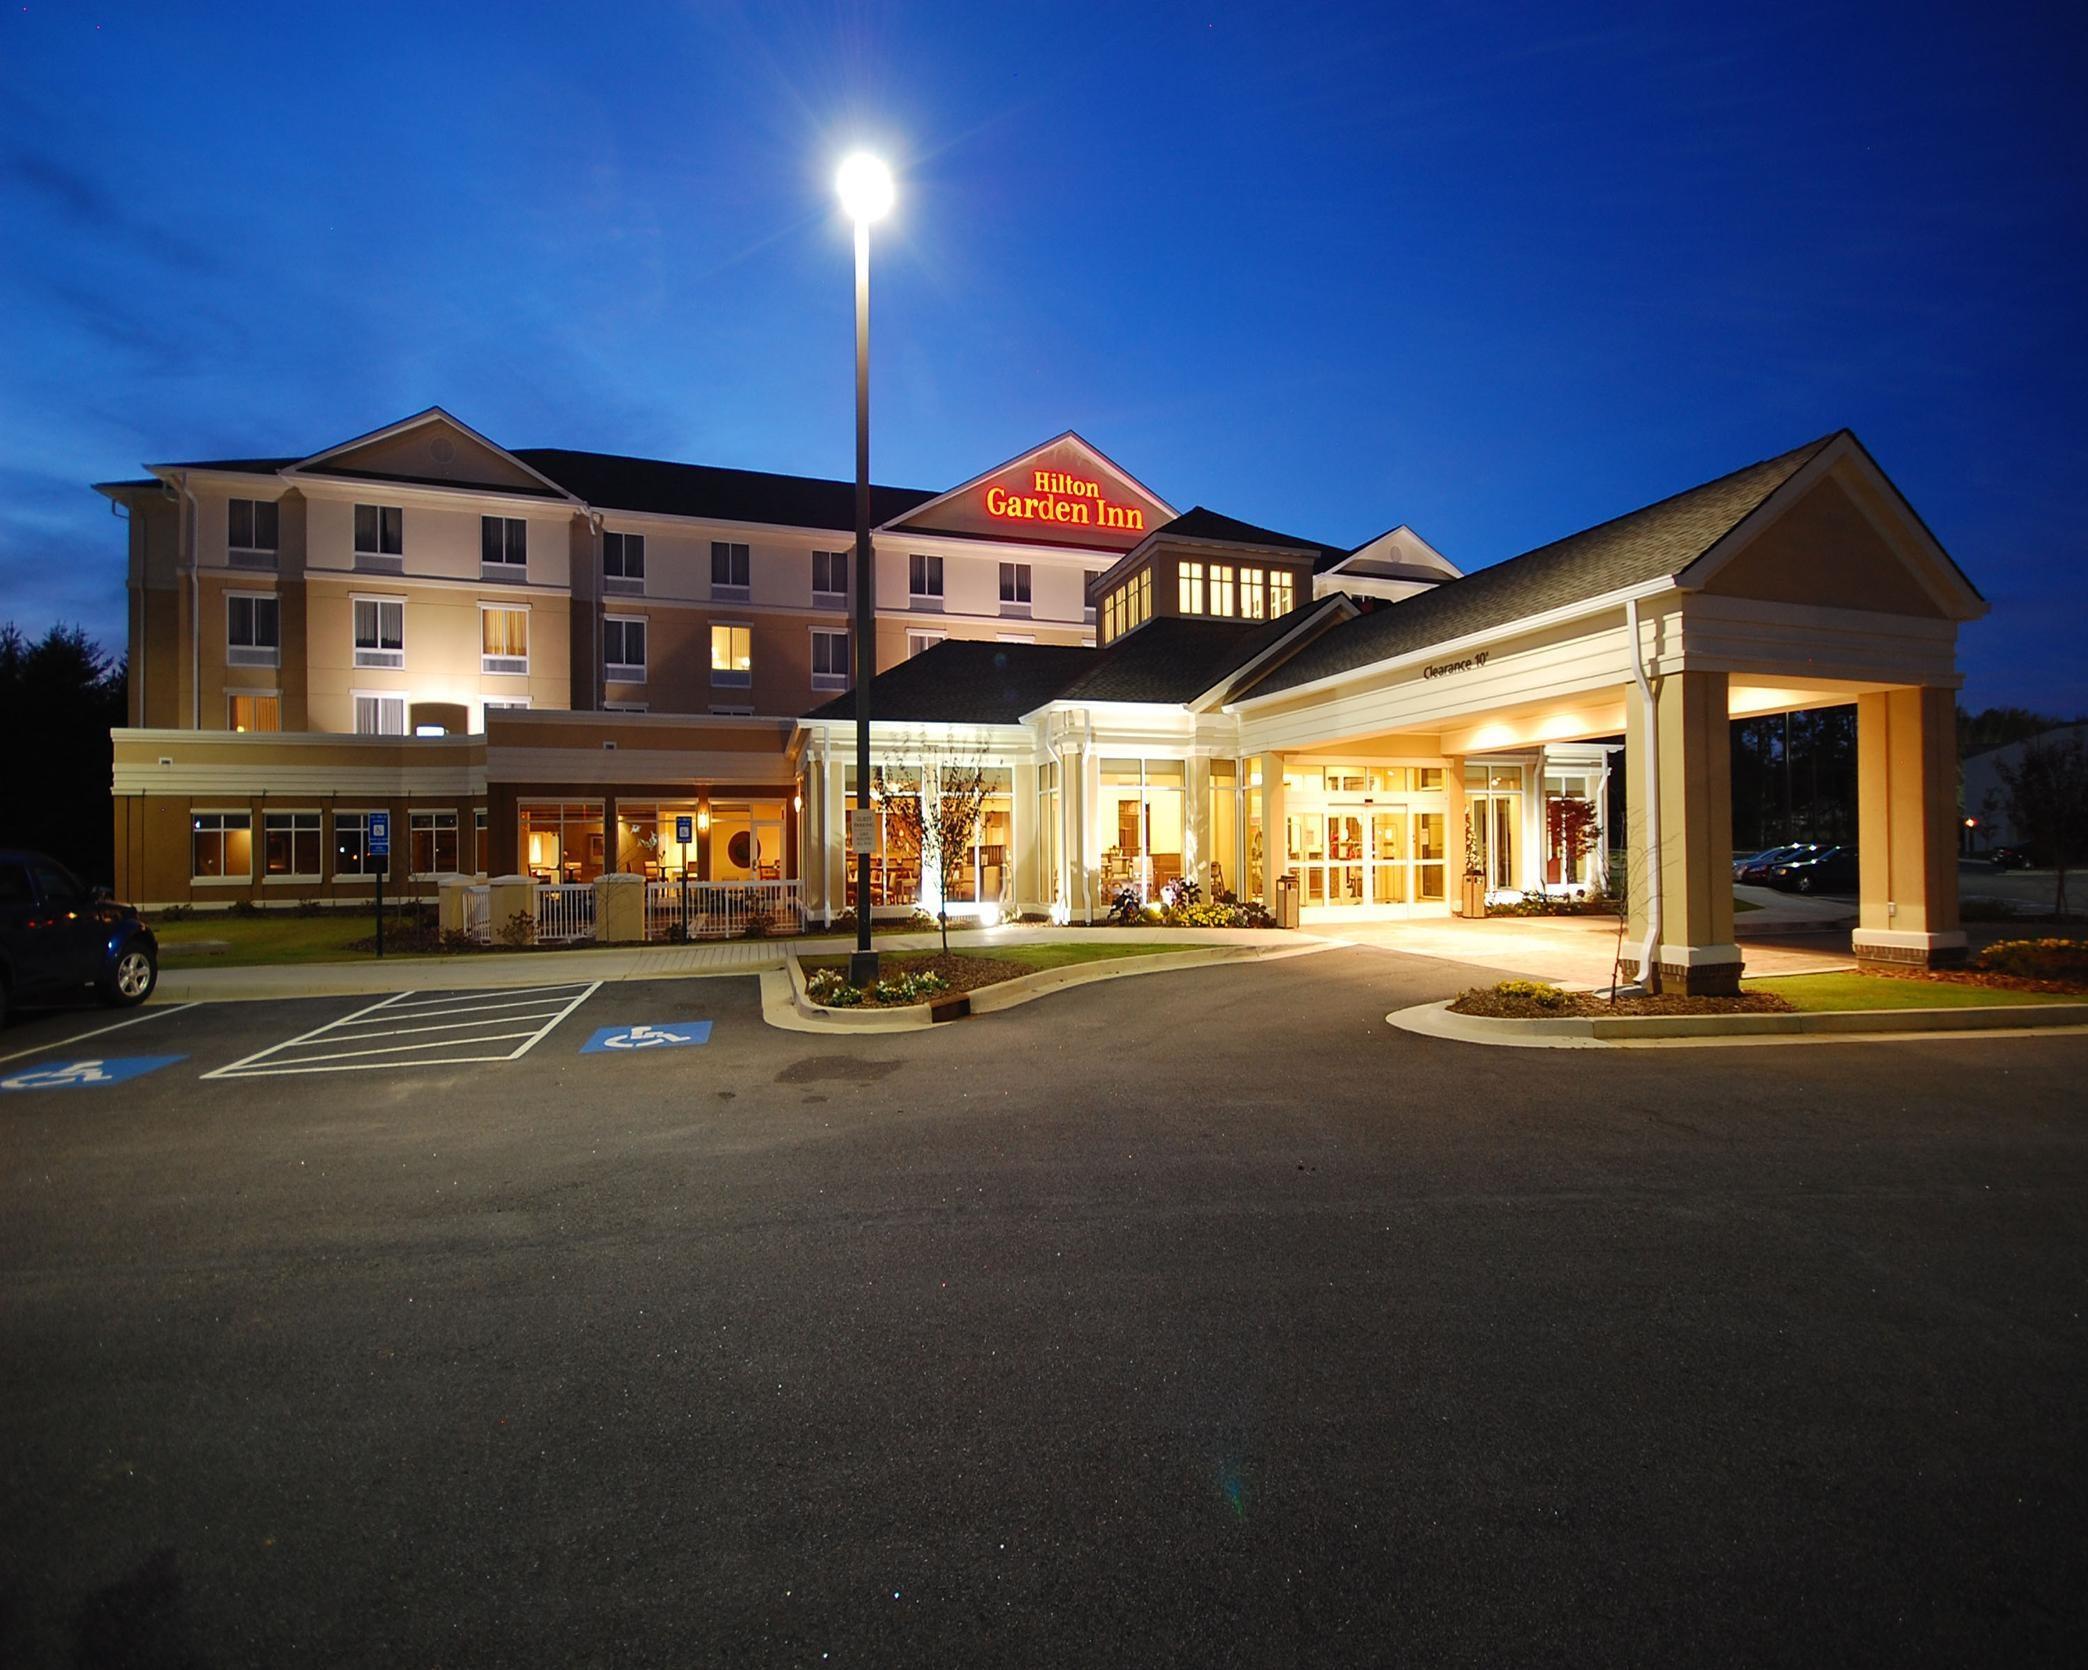 Hilton Garden Inn Aiken Aiken South Carolina